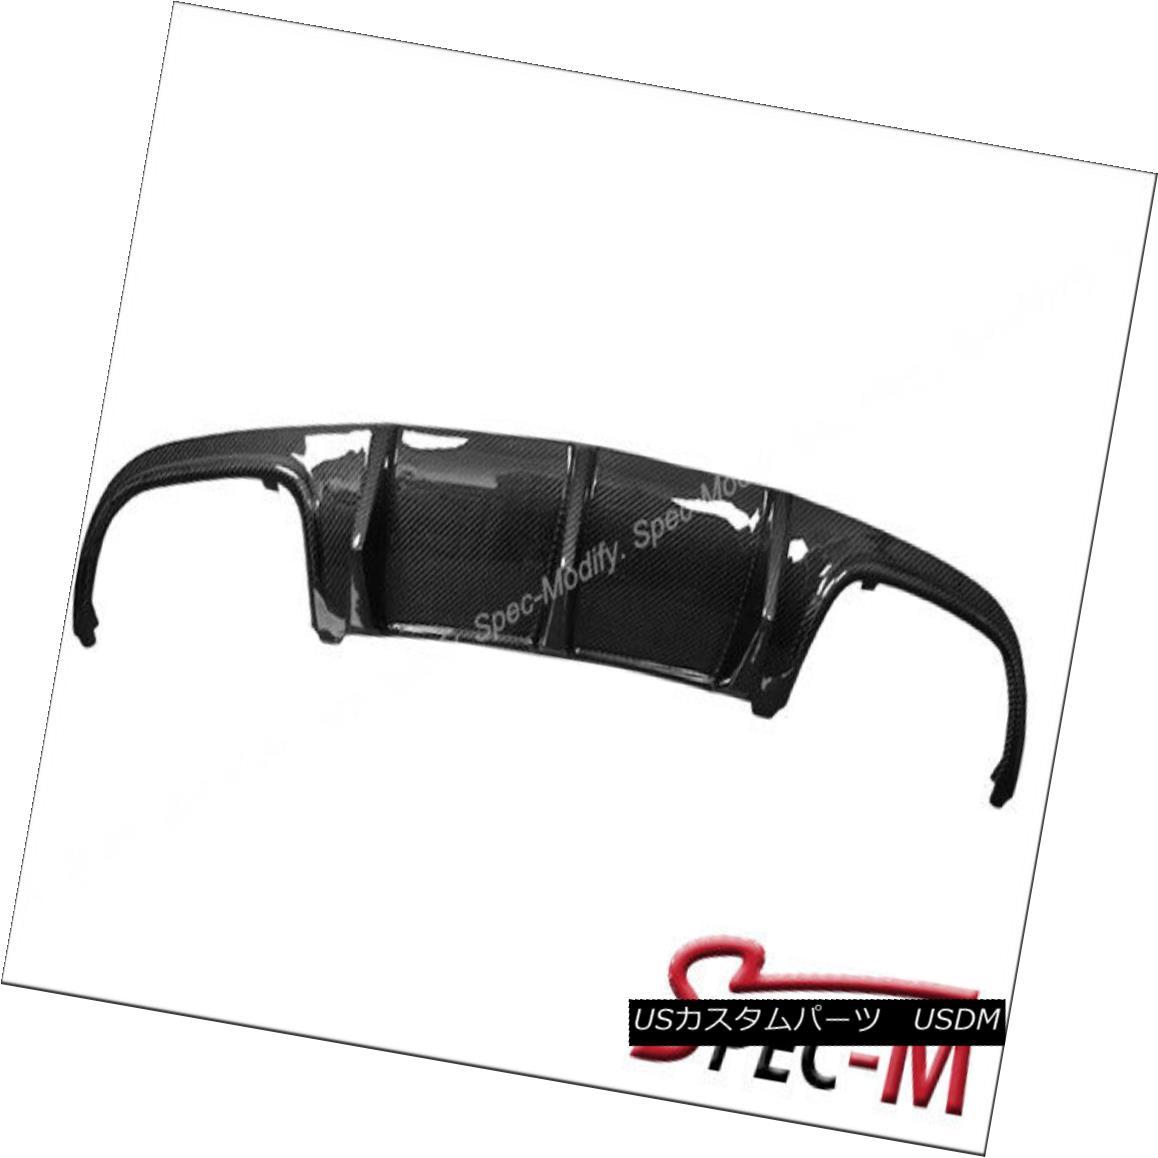 エアロパーツ Carbon Fiber Rear Bumper Diffuser Big Fins For 08-11 C63AMG W204 Pre Facelift カーボンファイバーリアバンパーディフューザービッグフィンfor 08-11 C63AMG W204 Pre Facelift